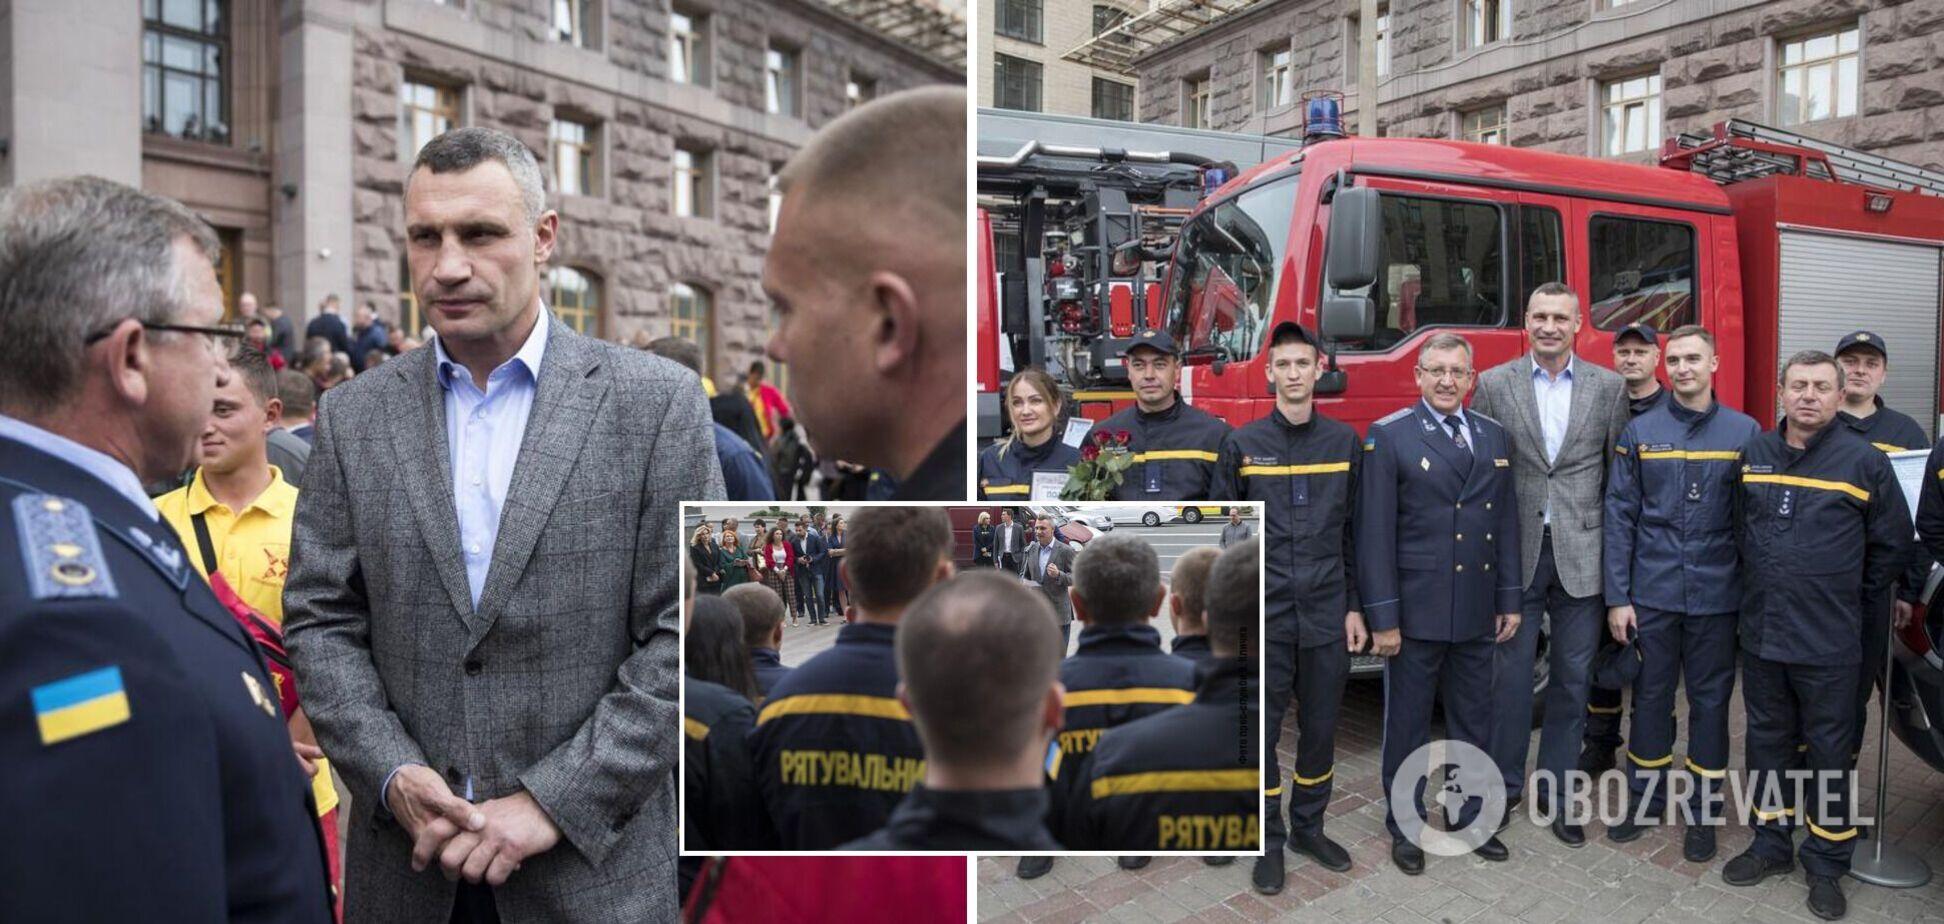 Кличко поздравил столичных спасателей с профессиональным праздником